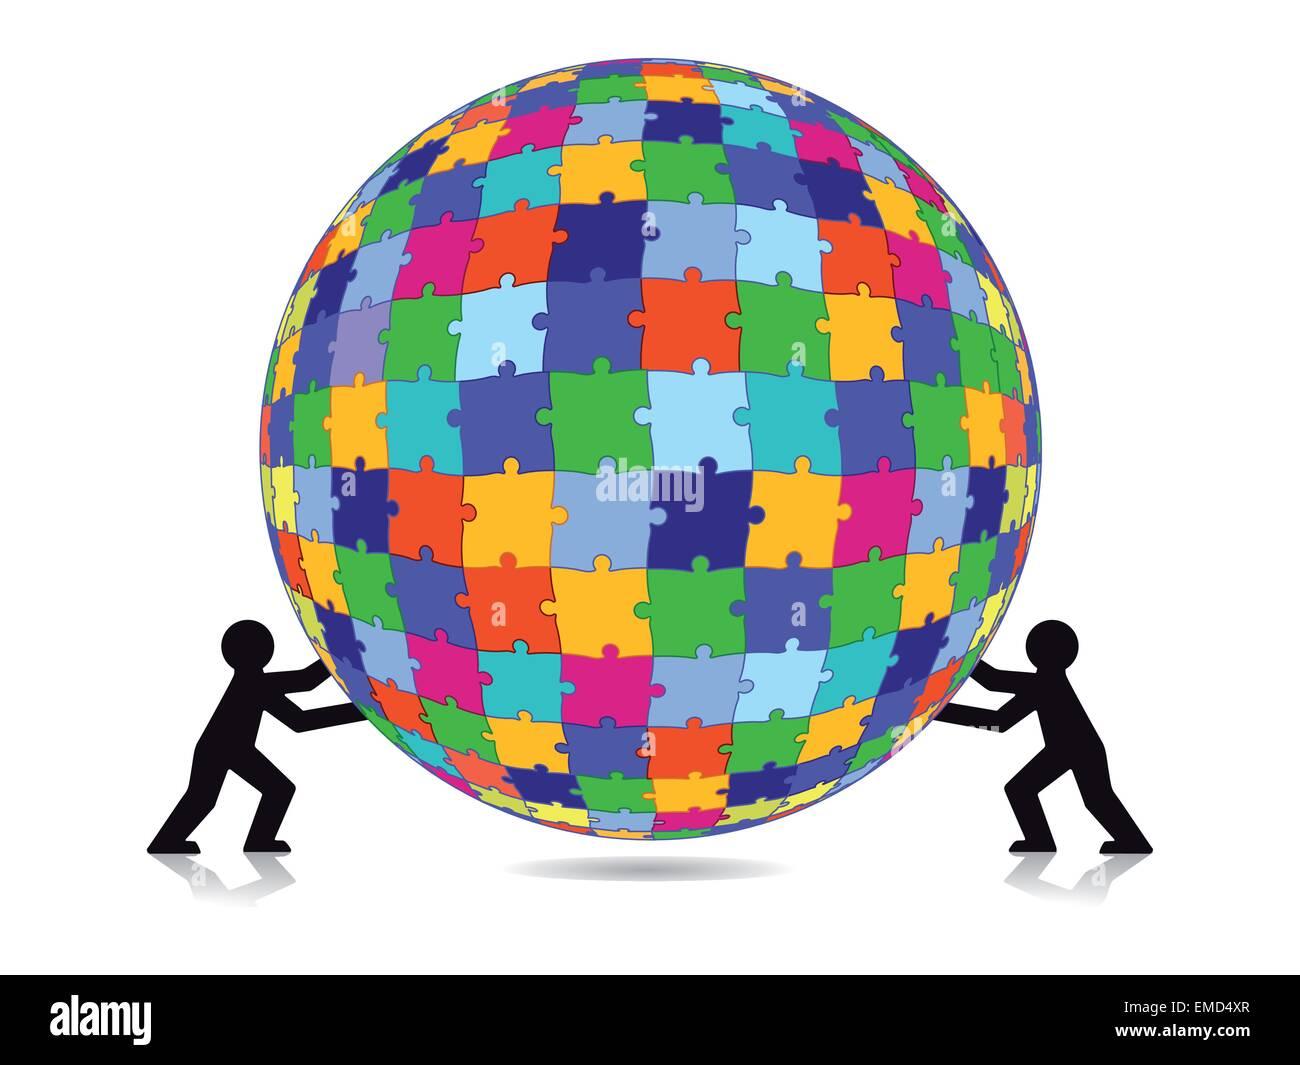 Puzzle challenge - Stock Image